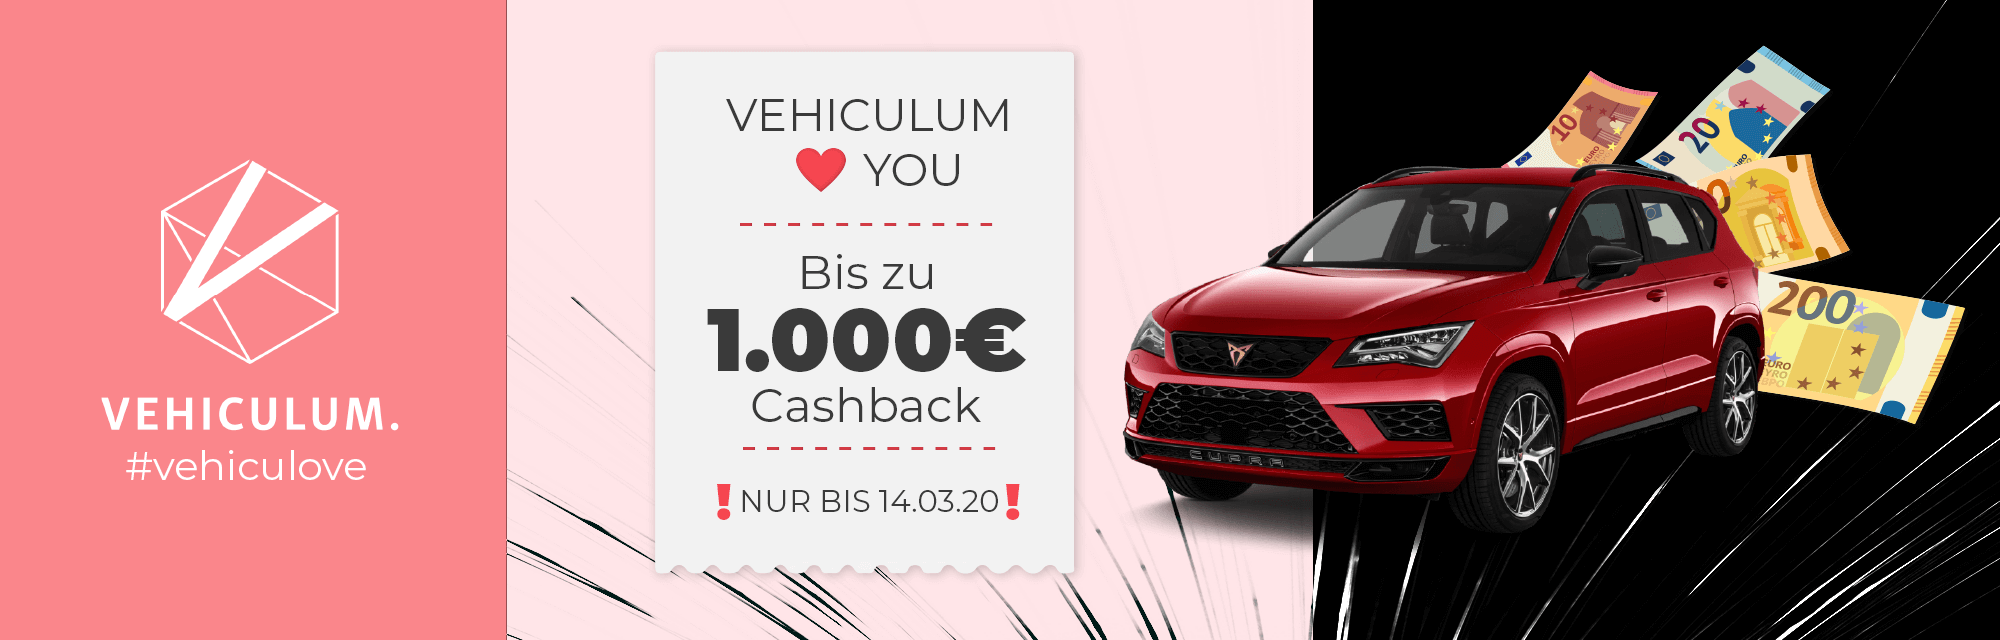 Valentinstags-Cashback-Aktion von Vehiculum